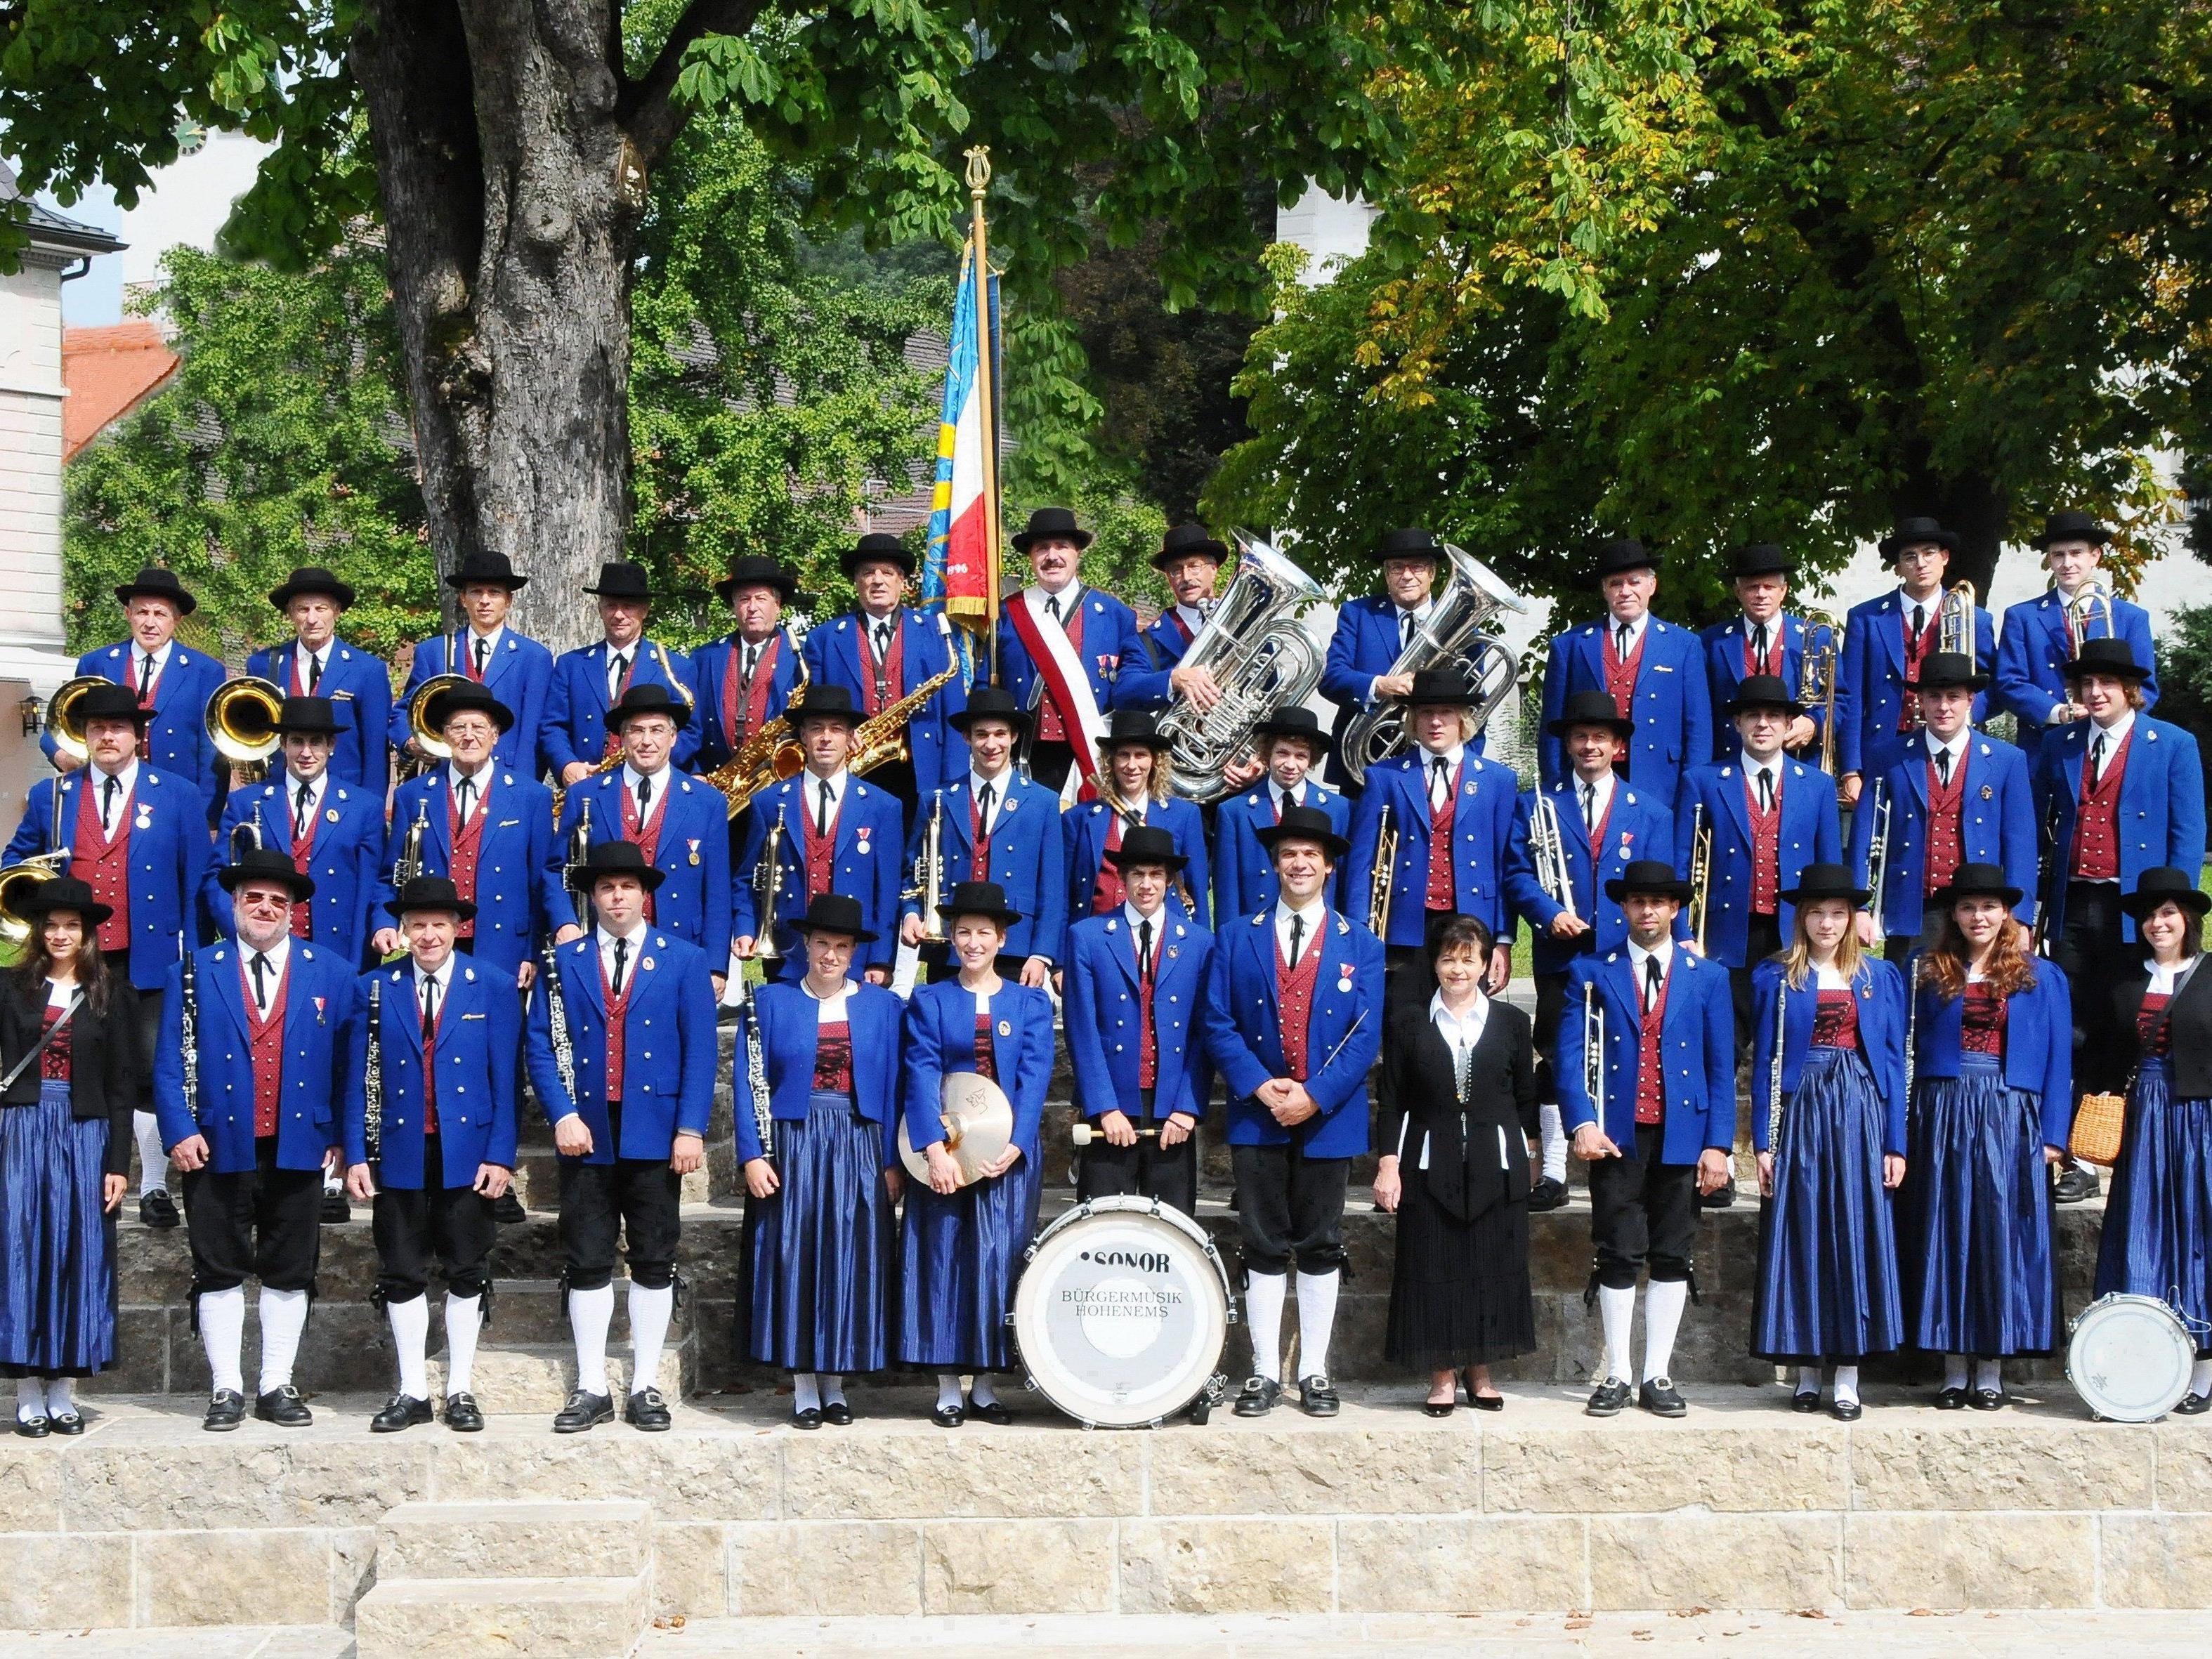 Das Sommerfest der Bürgermusik Hohenems findet auf dem Schulhof der VS Markt statt.